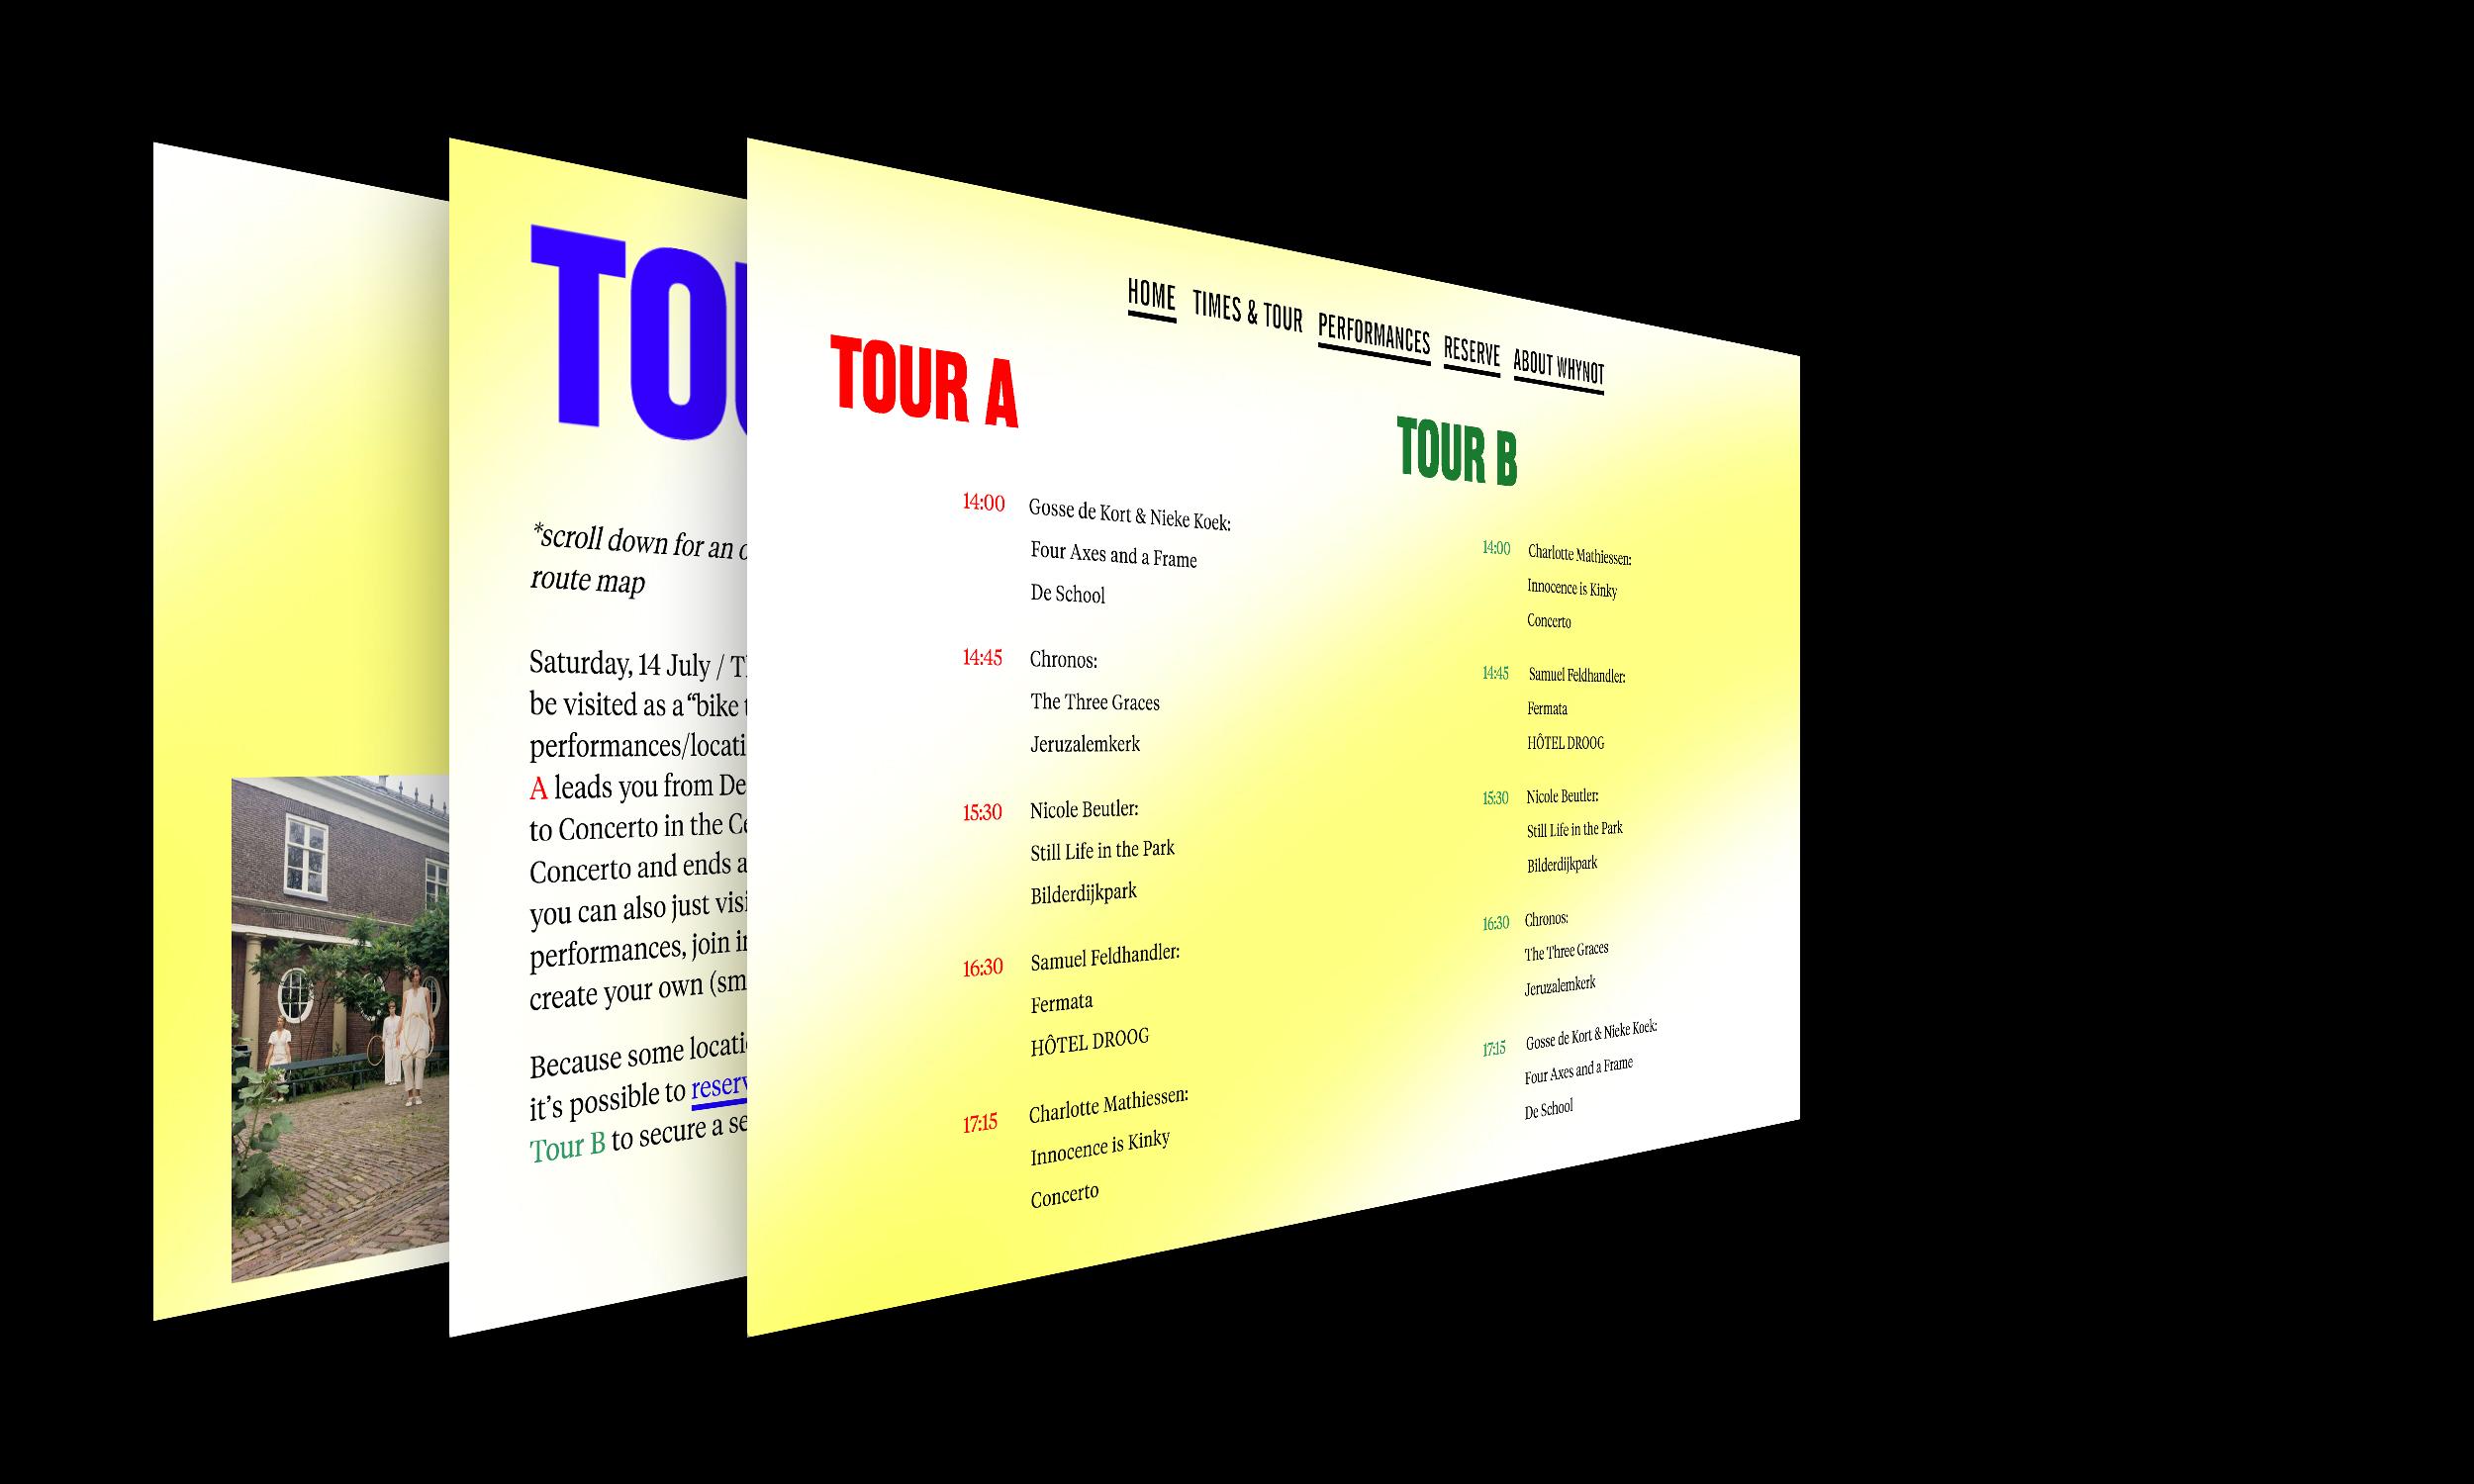 offvenue-website-screens-3.jpg